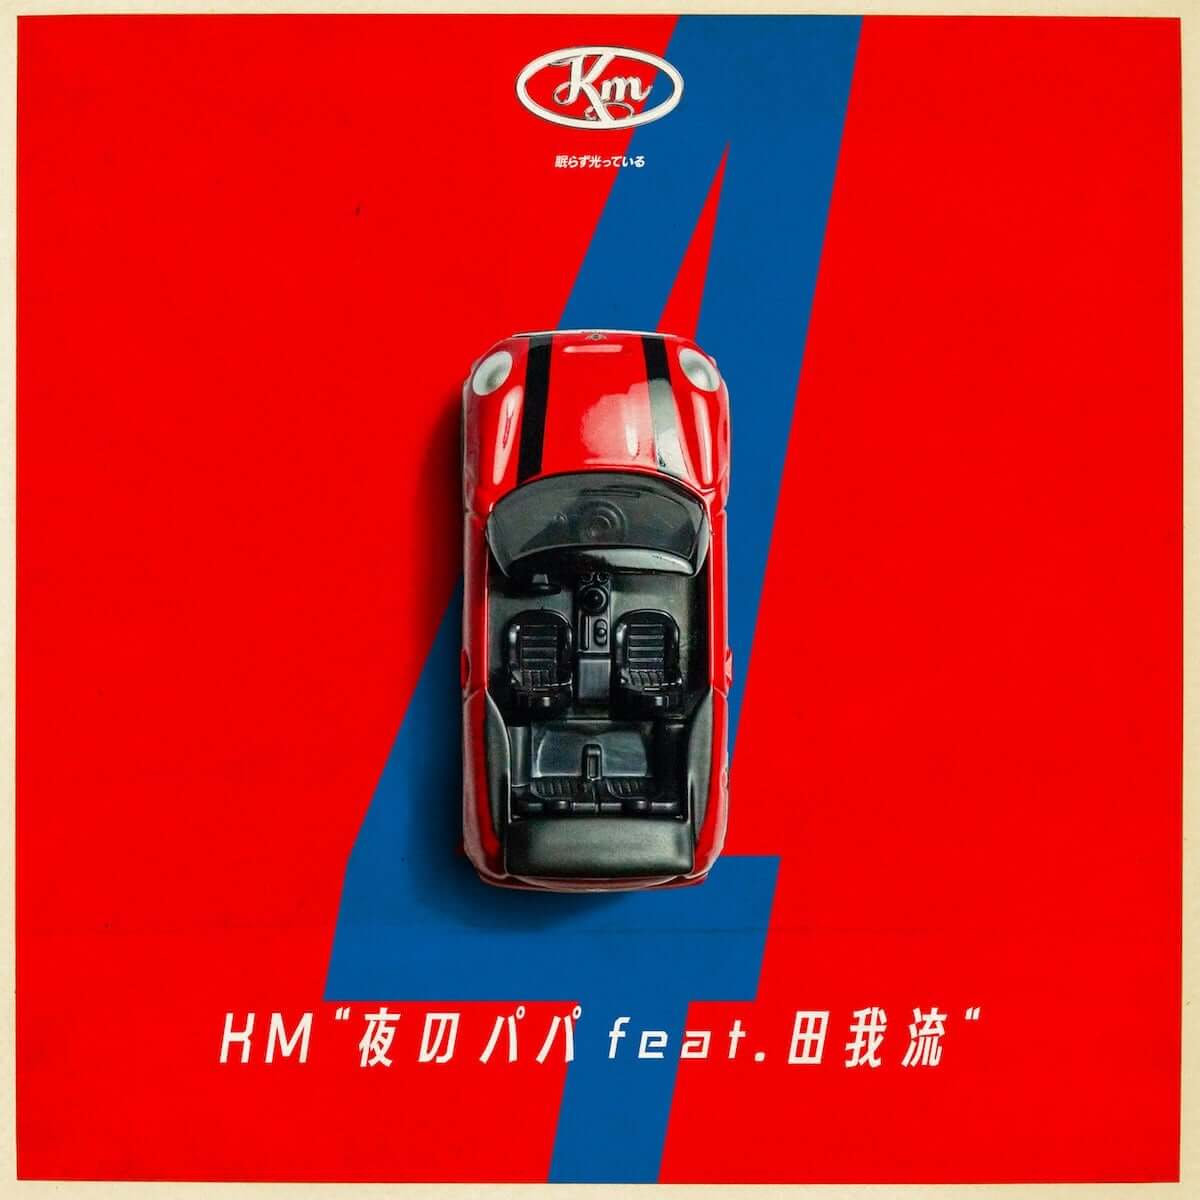 KMが田我流を客演に迎えた新曲「夜のパパ」を本日より配信リリース|1stアルバムは9月19日発売! music180905-km-3-1200x1200